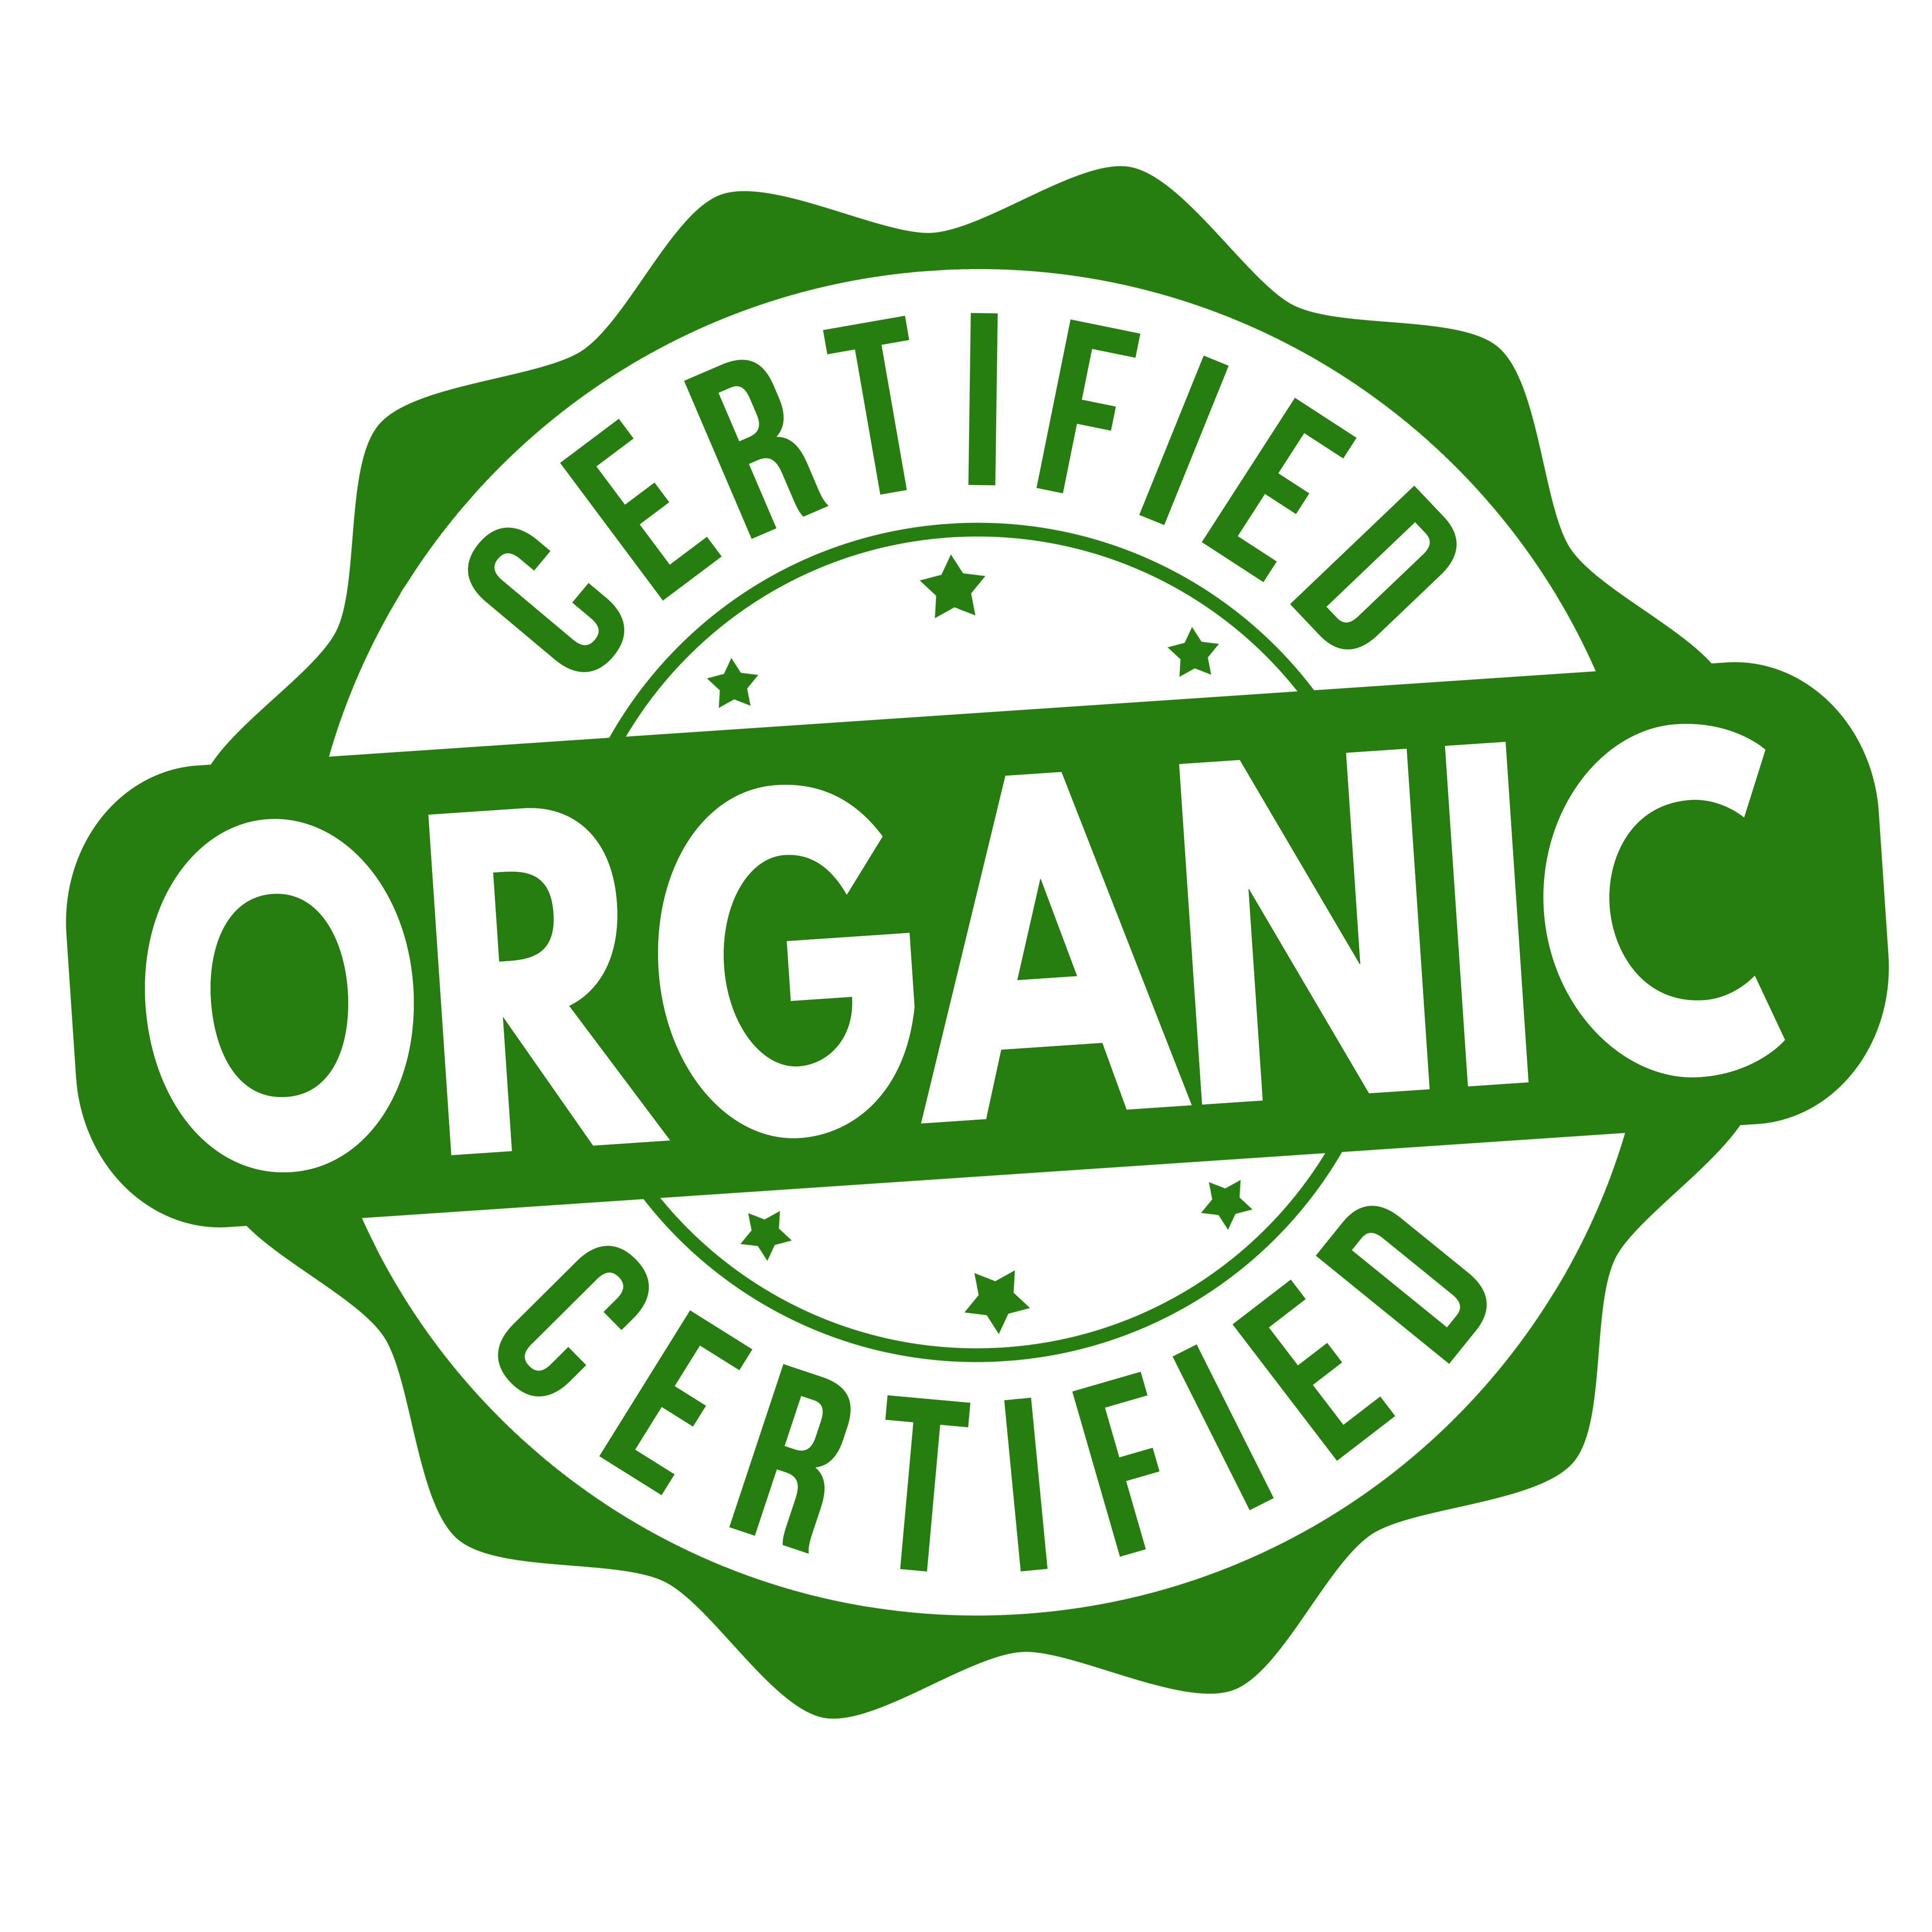 A logo saying 'certified organic'